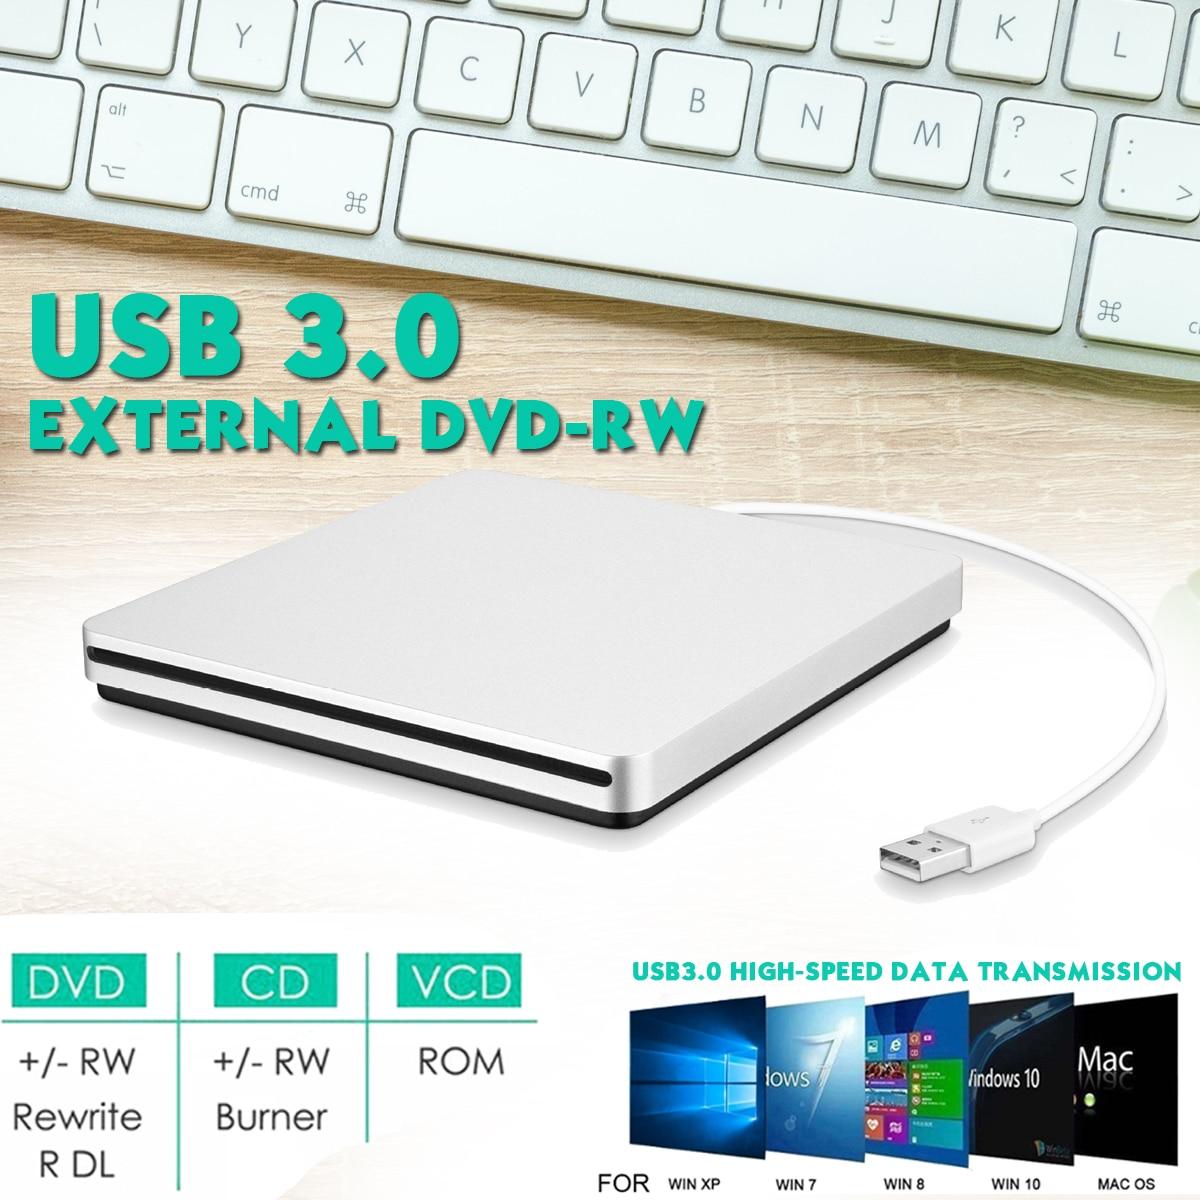 Gravador externo do escritor do queimador do cd/dvd rw do leitor de dvd da movimentação da carga do entalhe de usb 3.0 superdrive para o computador portátil de apple macbook imac/mini pc